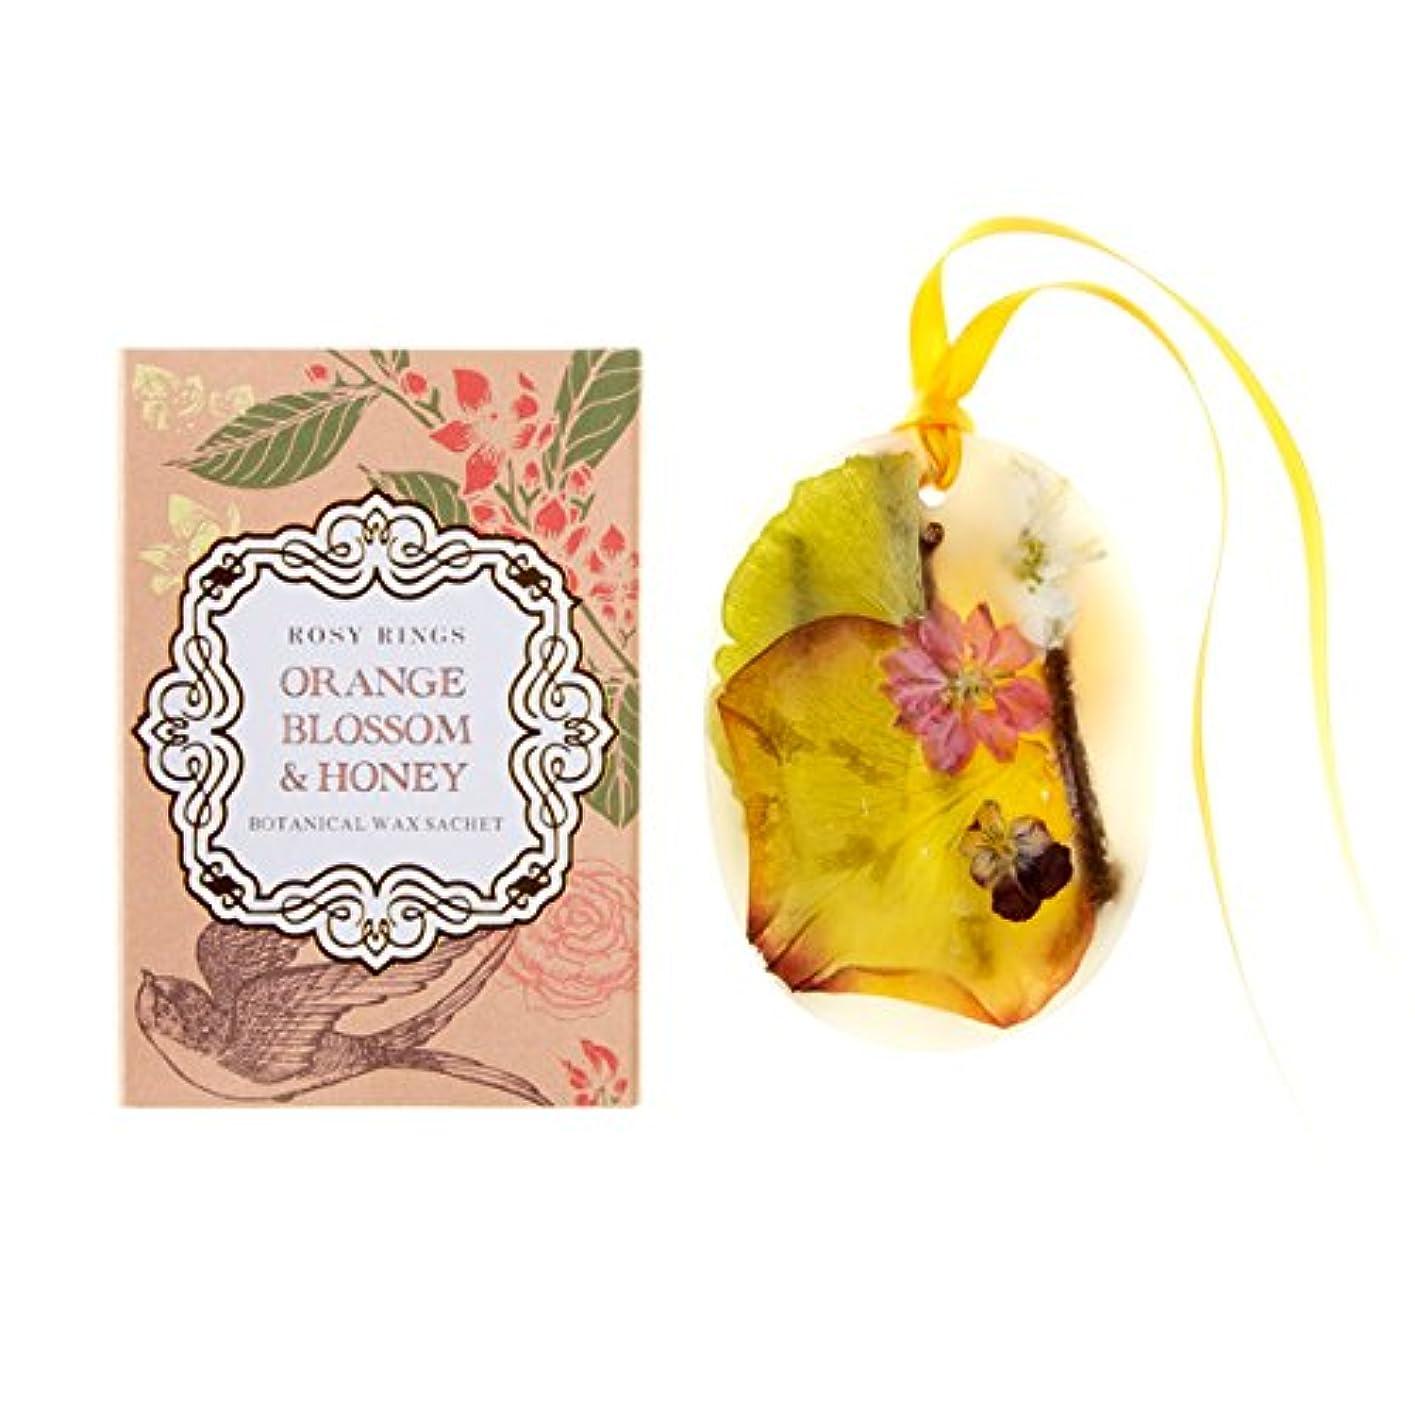 望ましい快適樹皮ロージーリングス プティボタニカルサシェ オレンジブロッサム&ハニー ROSY RINGS Petite Oval Botanical Wax Sachet Orange Blossom & Honey